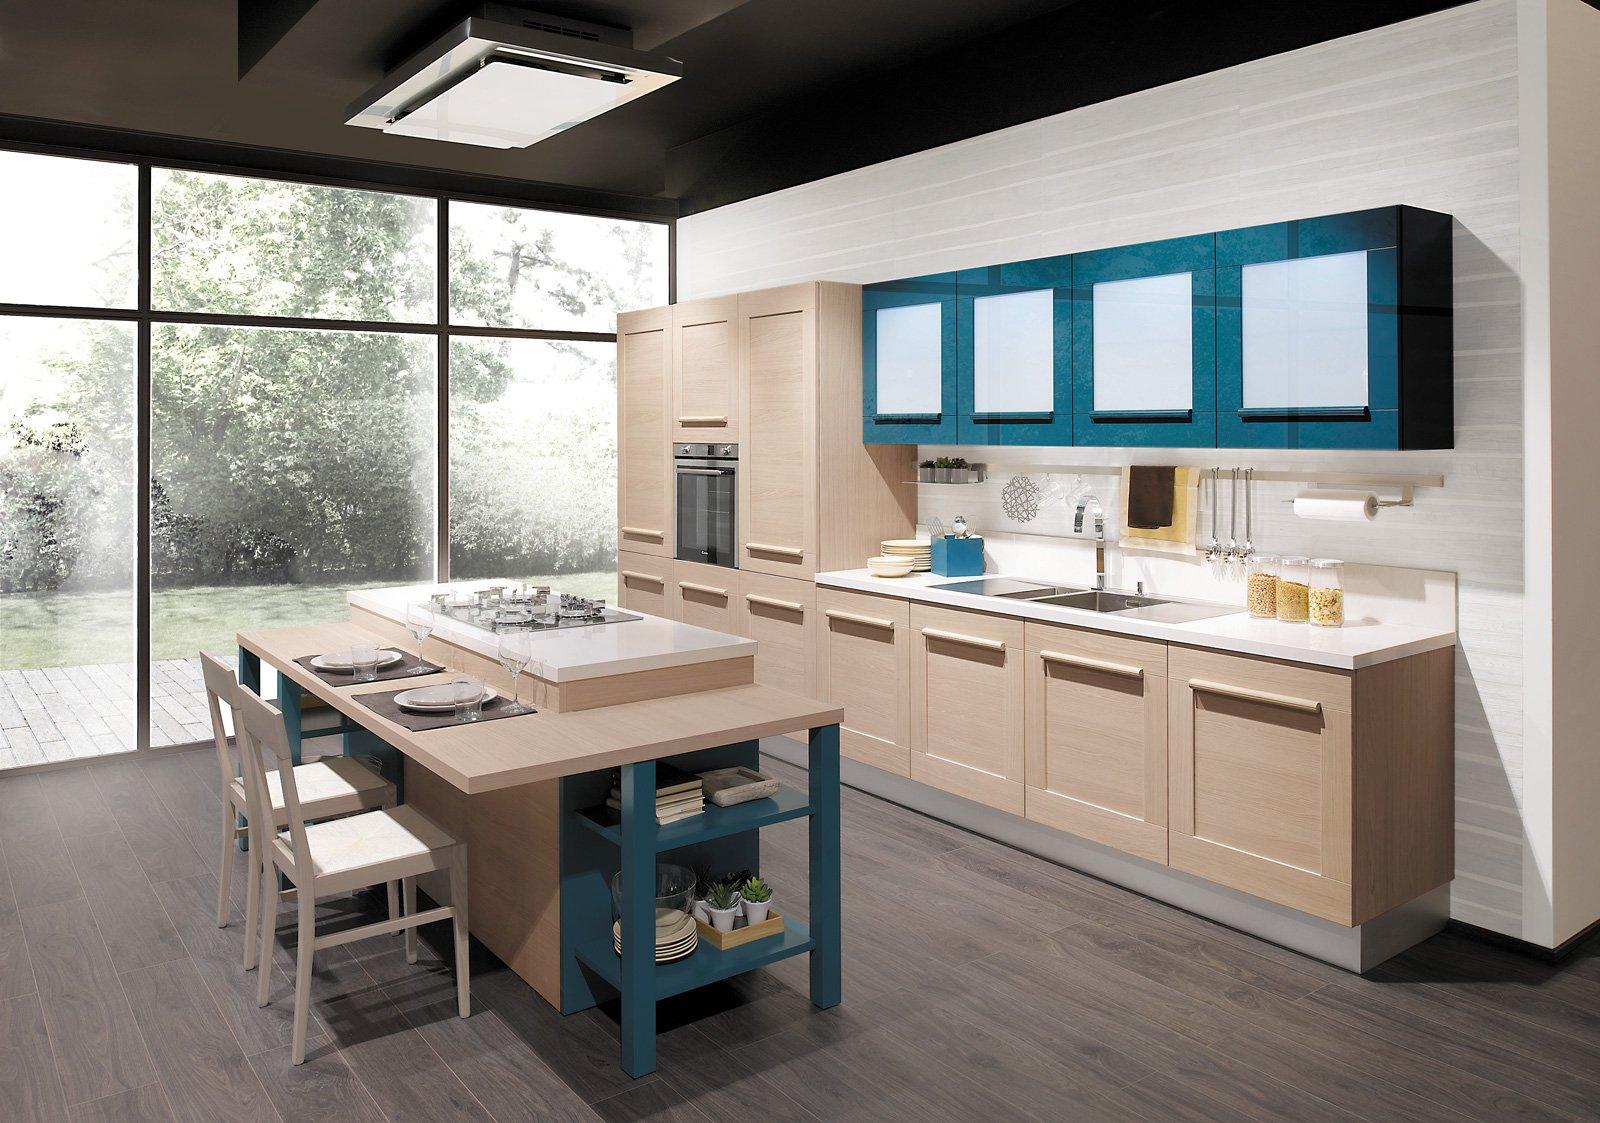 Cucine Bicolore Lalternanza Cromatica Fa Tendenza Cose Di Casa